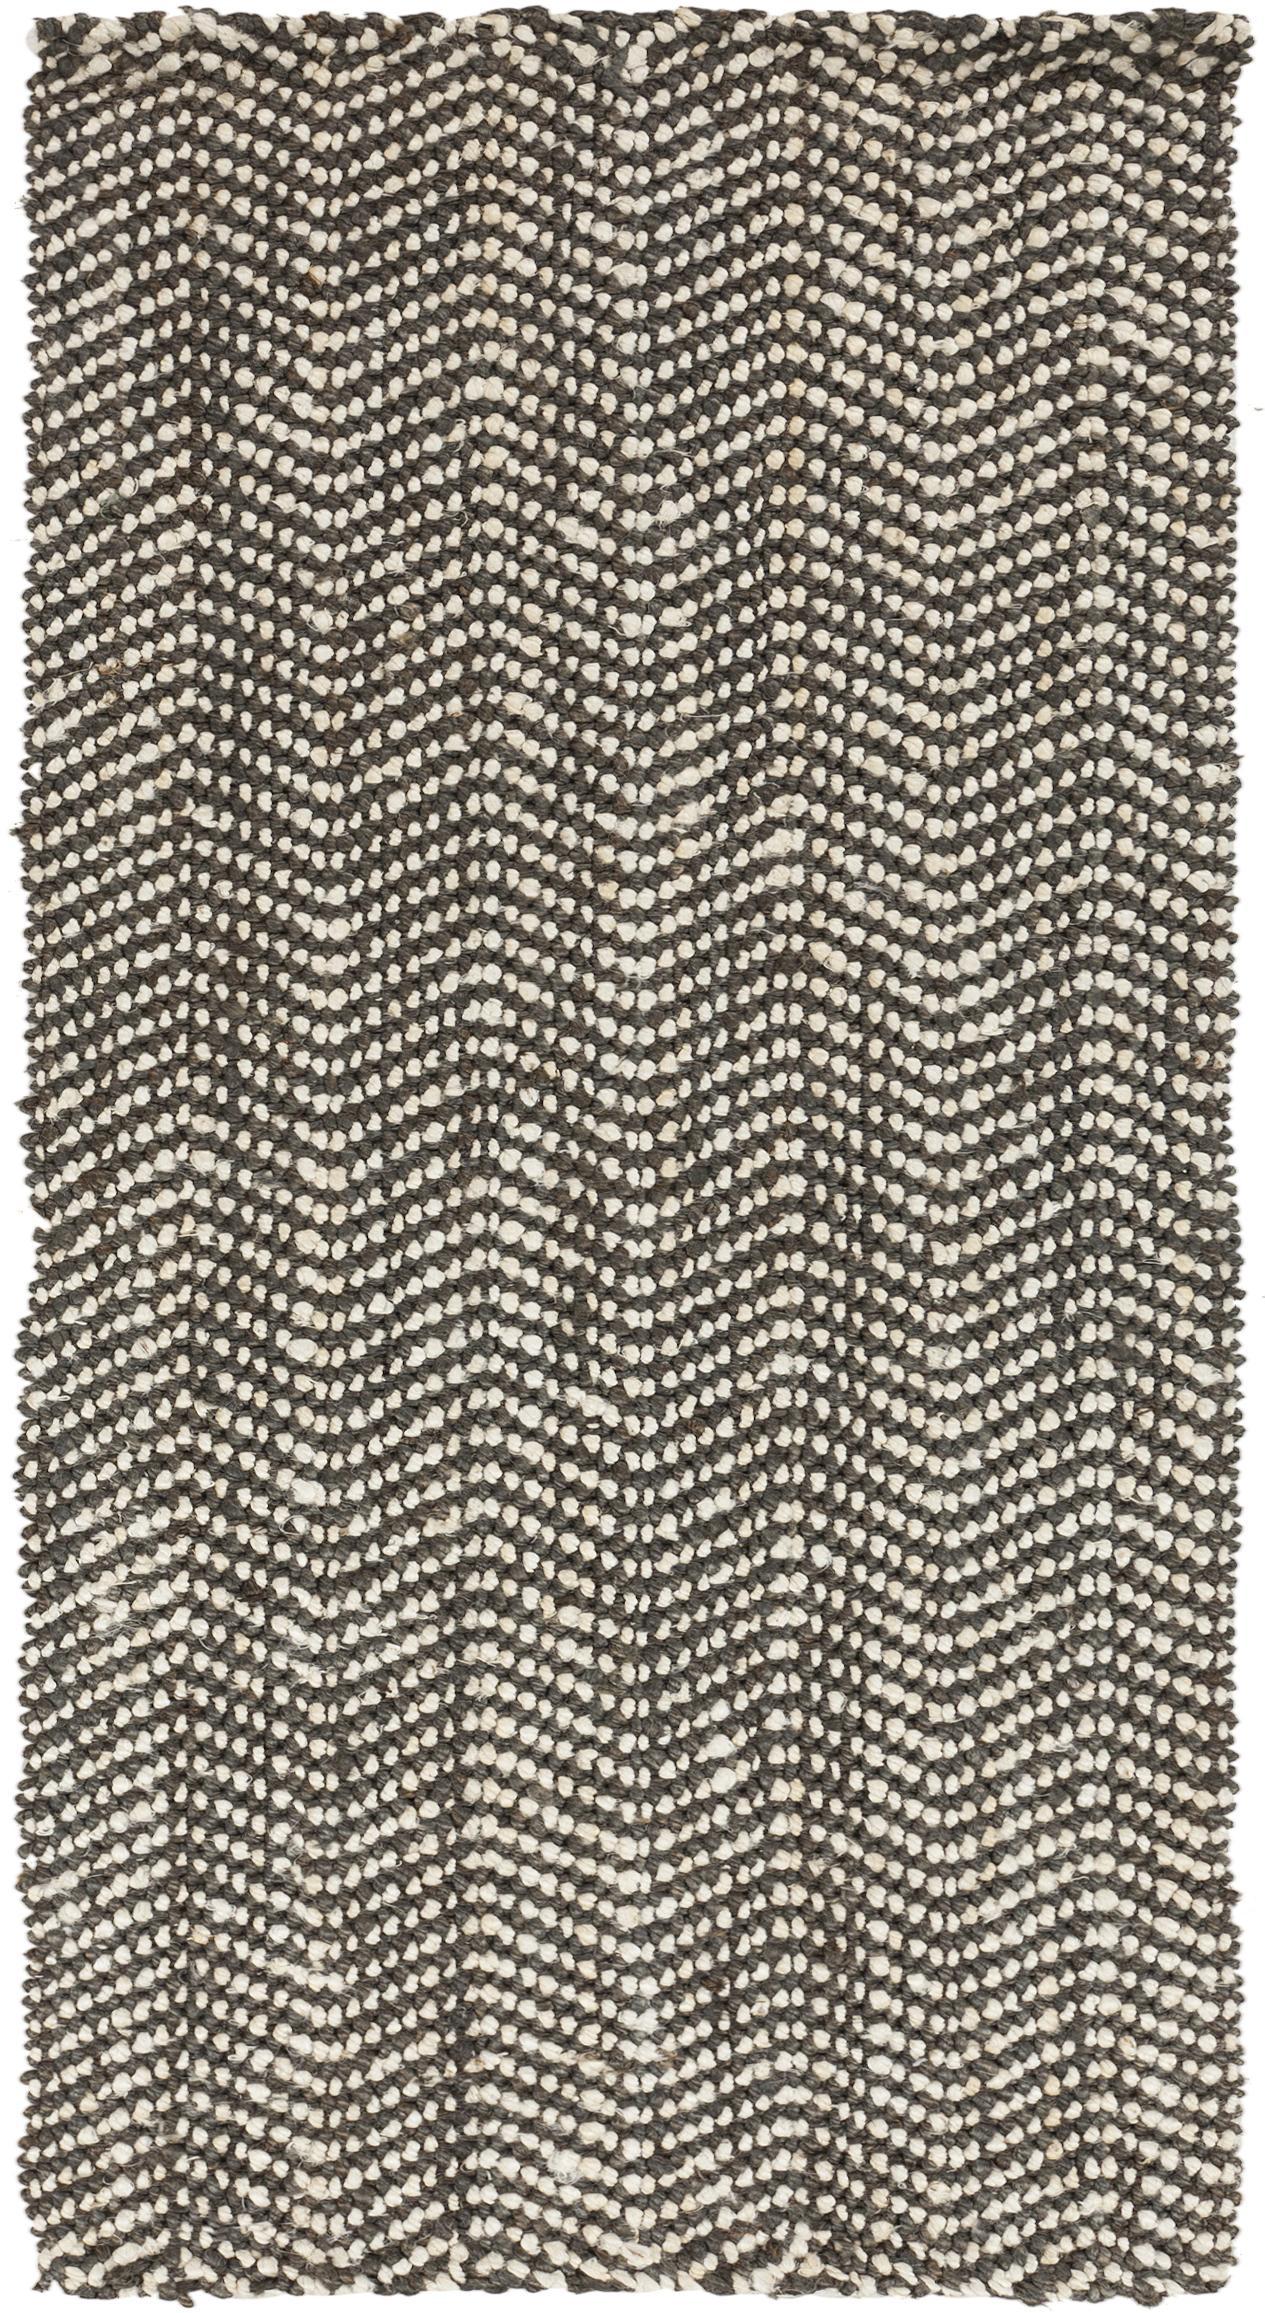 Surya Rugs Reeds 2' x 3' - Item Number: REED803-23